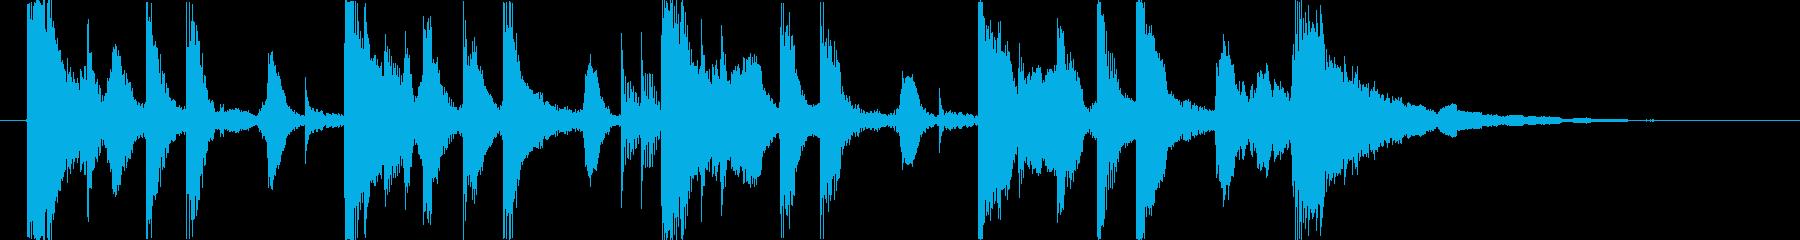 ほのぼの系ジングルの再生済みの波形